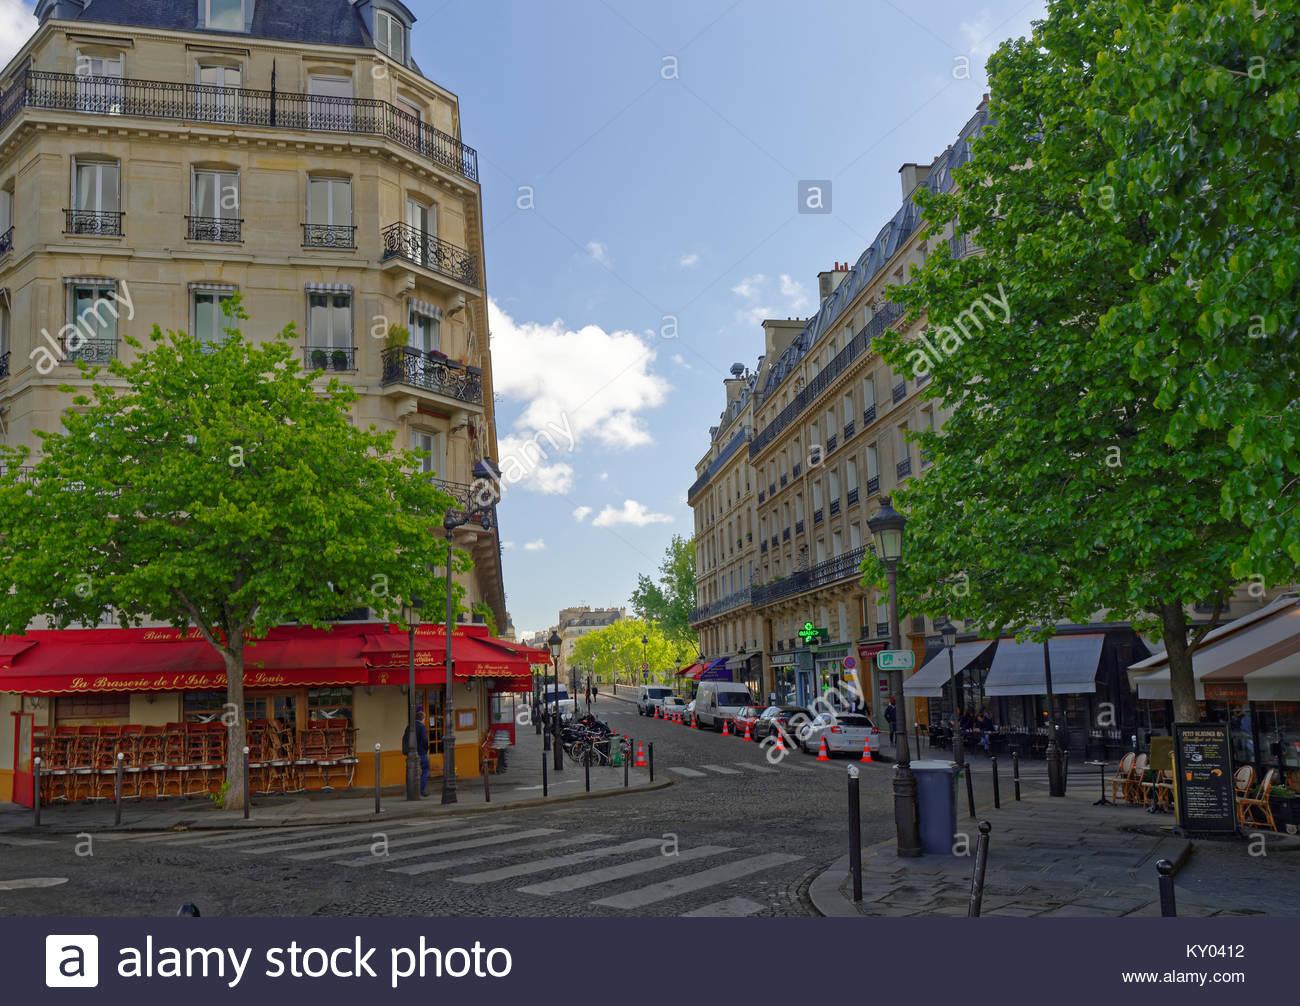 Ile St Louis street, Paris, France - Stock Image